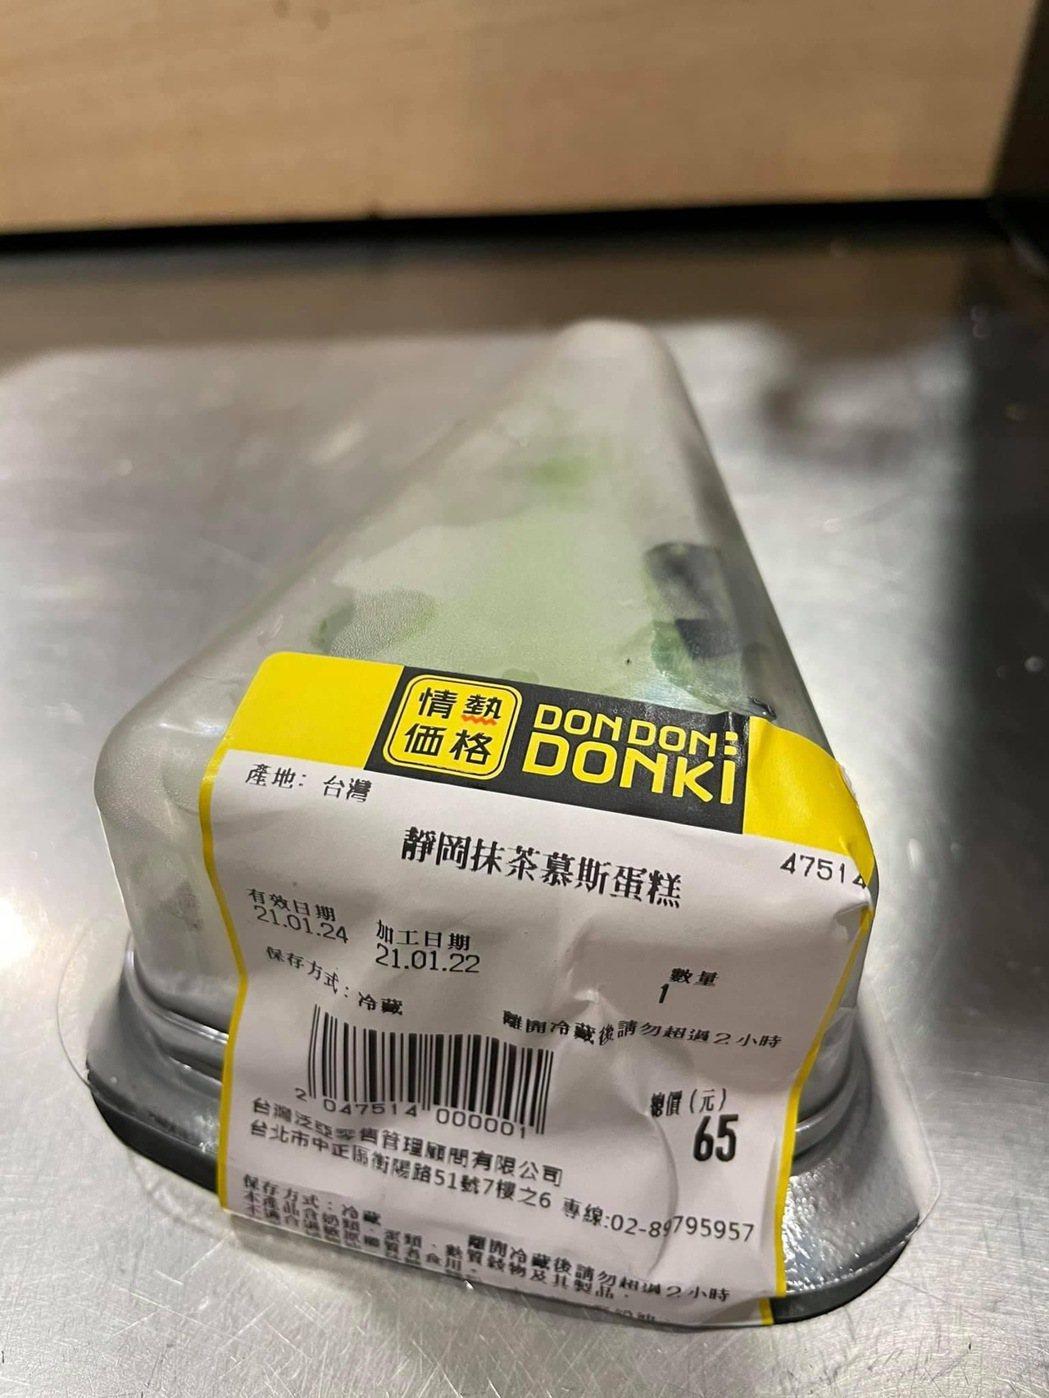 唐吉訶德賣過期蛋糕給顧客。圖/讀者提供